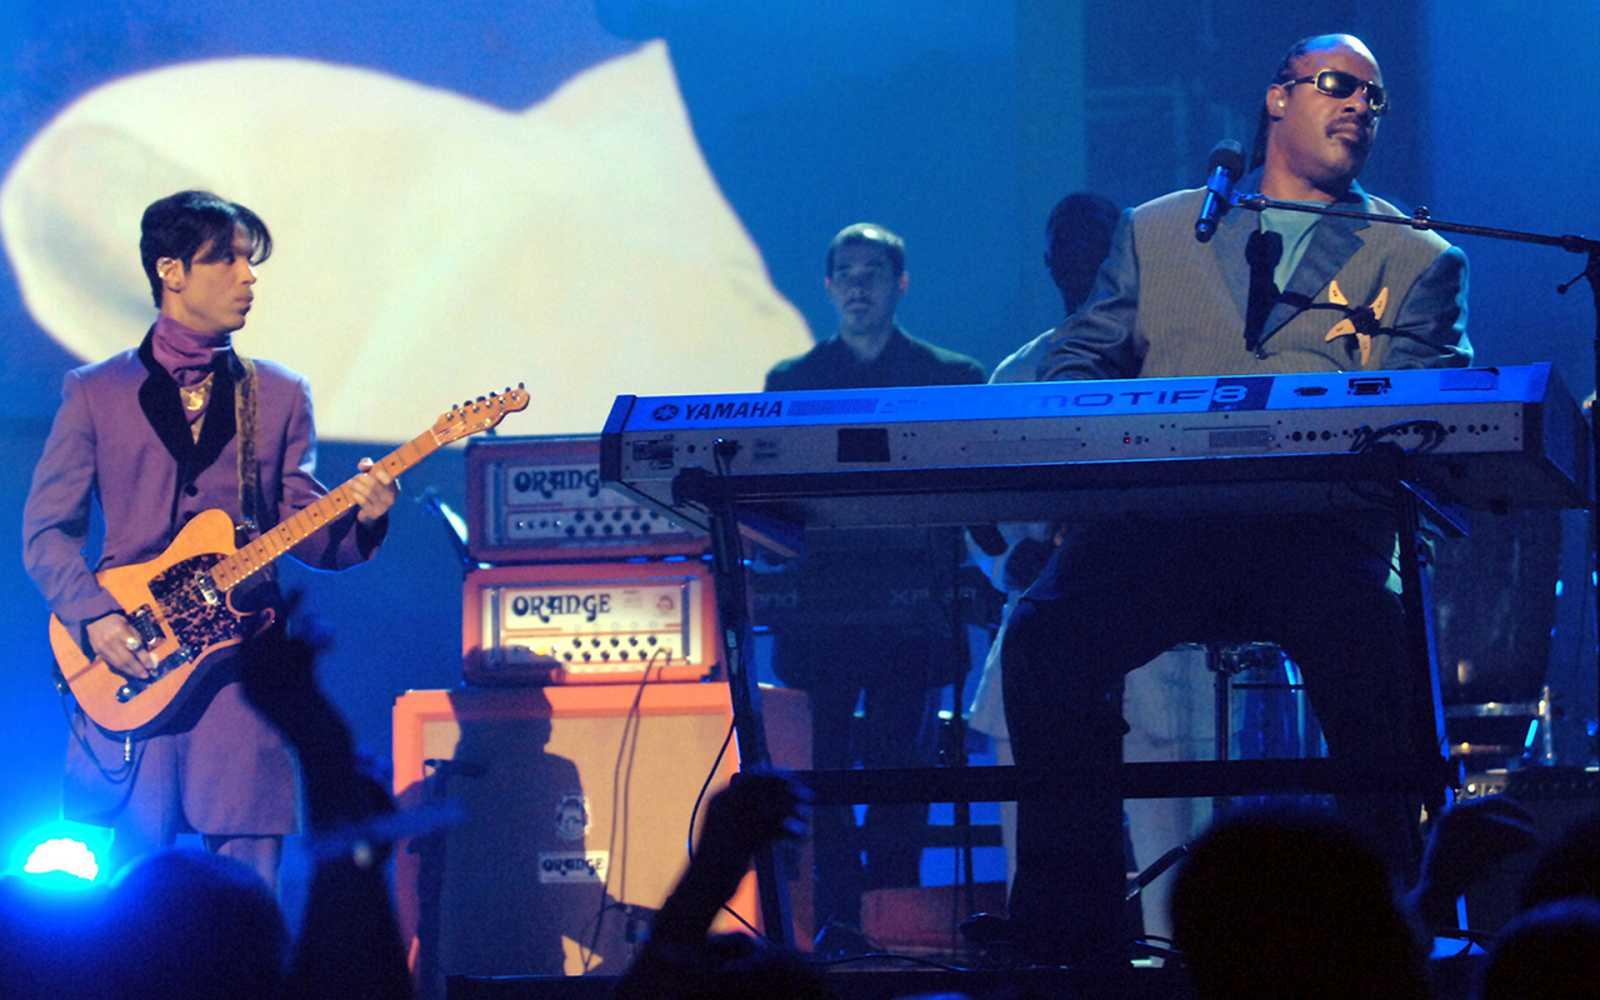 Fallo de sistema - Fresh 5: Todos quieren a Stevie - 30/08/20 - escuchar ahora